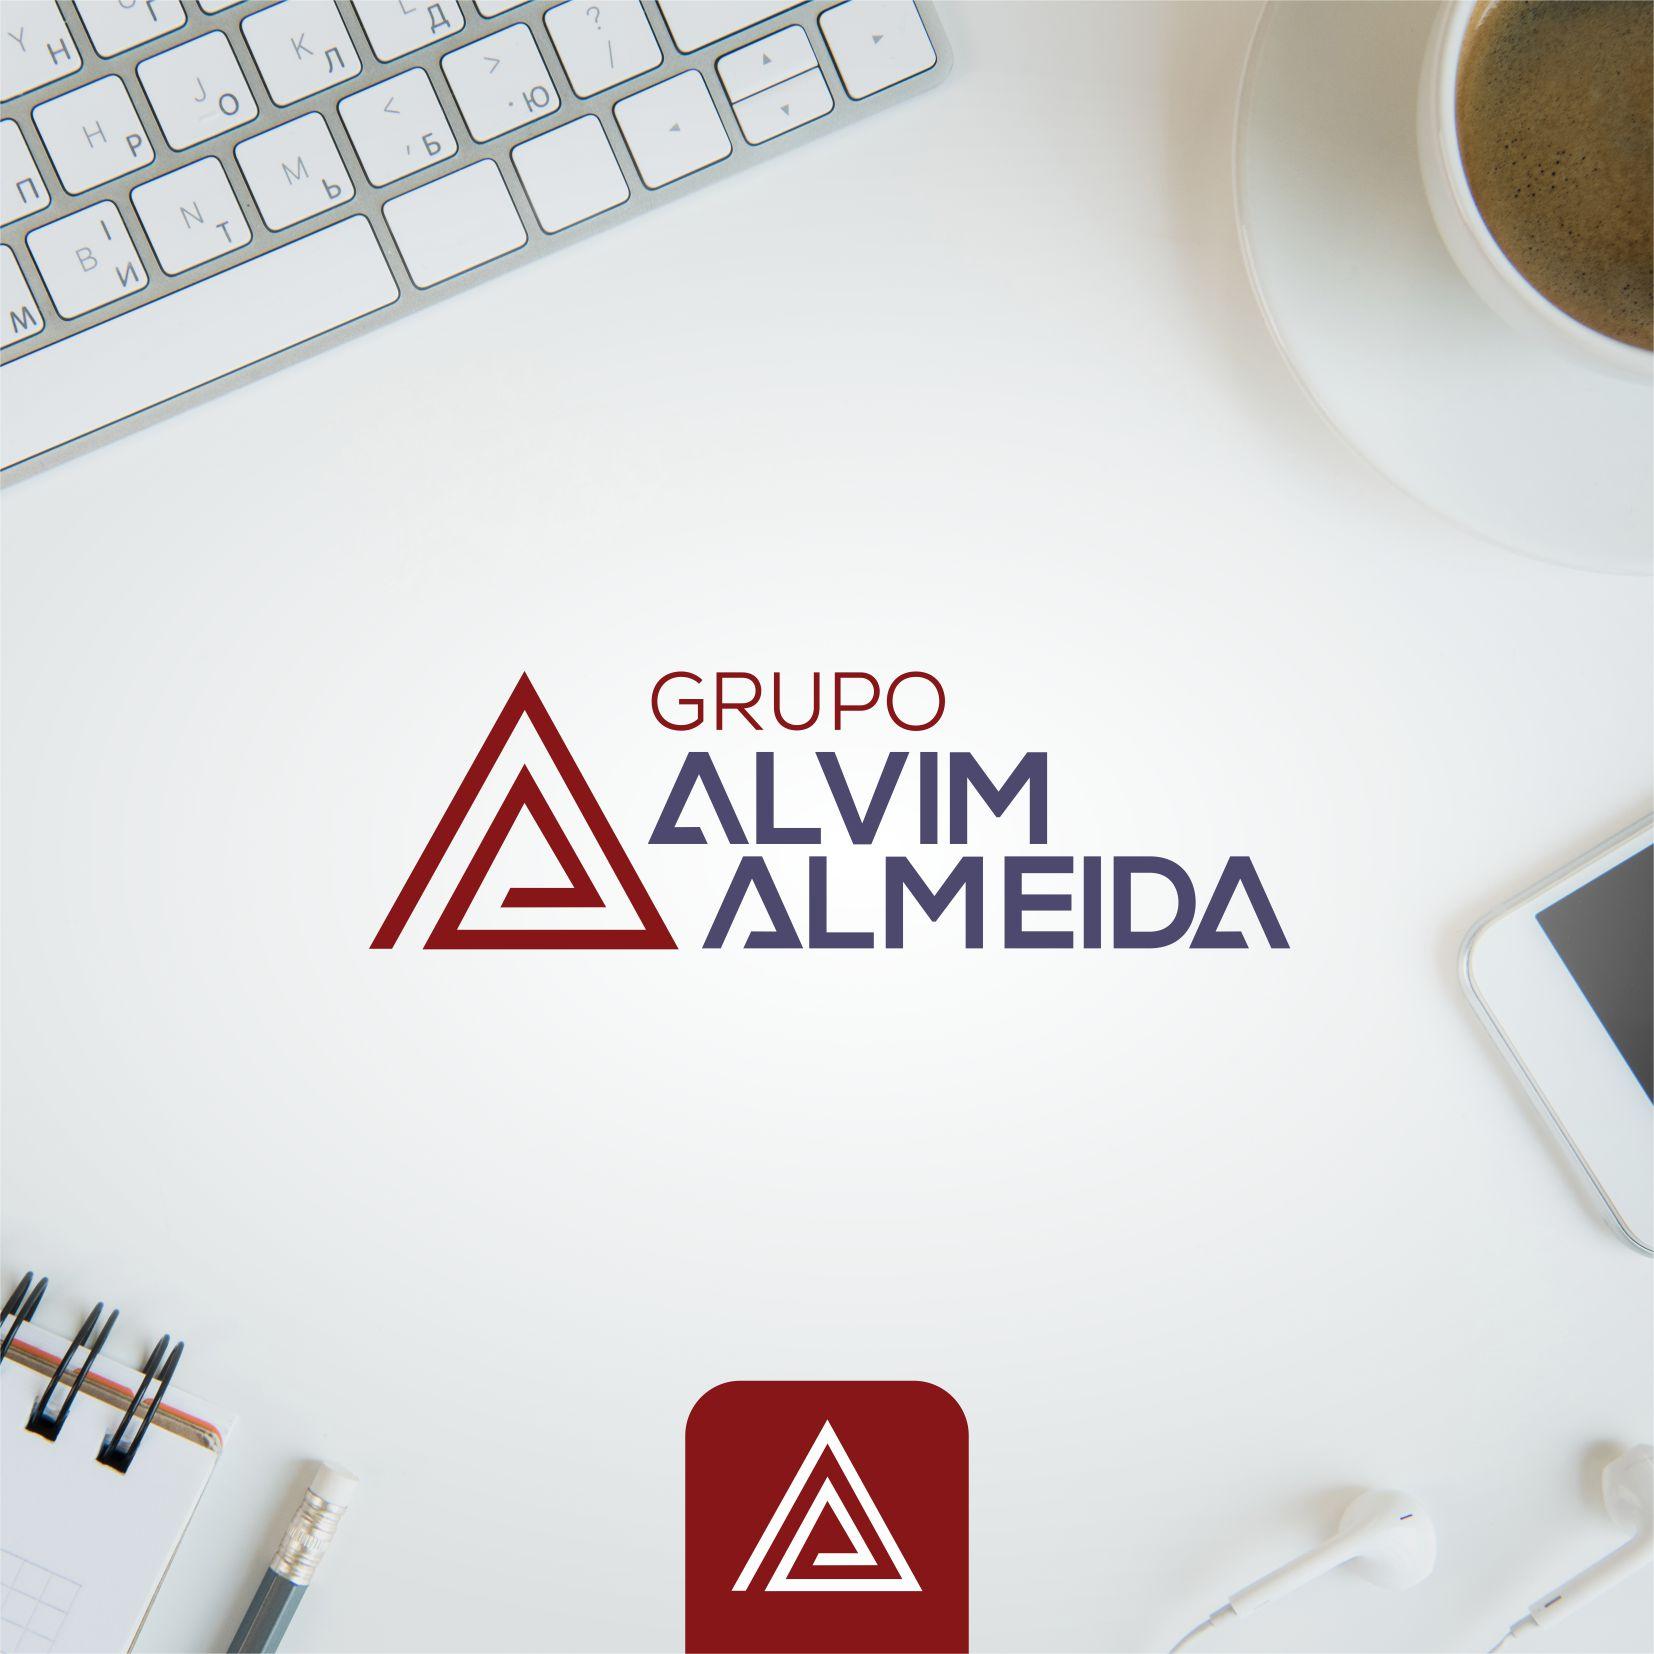 Logo Grupo Alvim Almeida